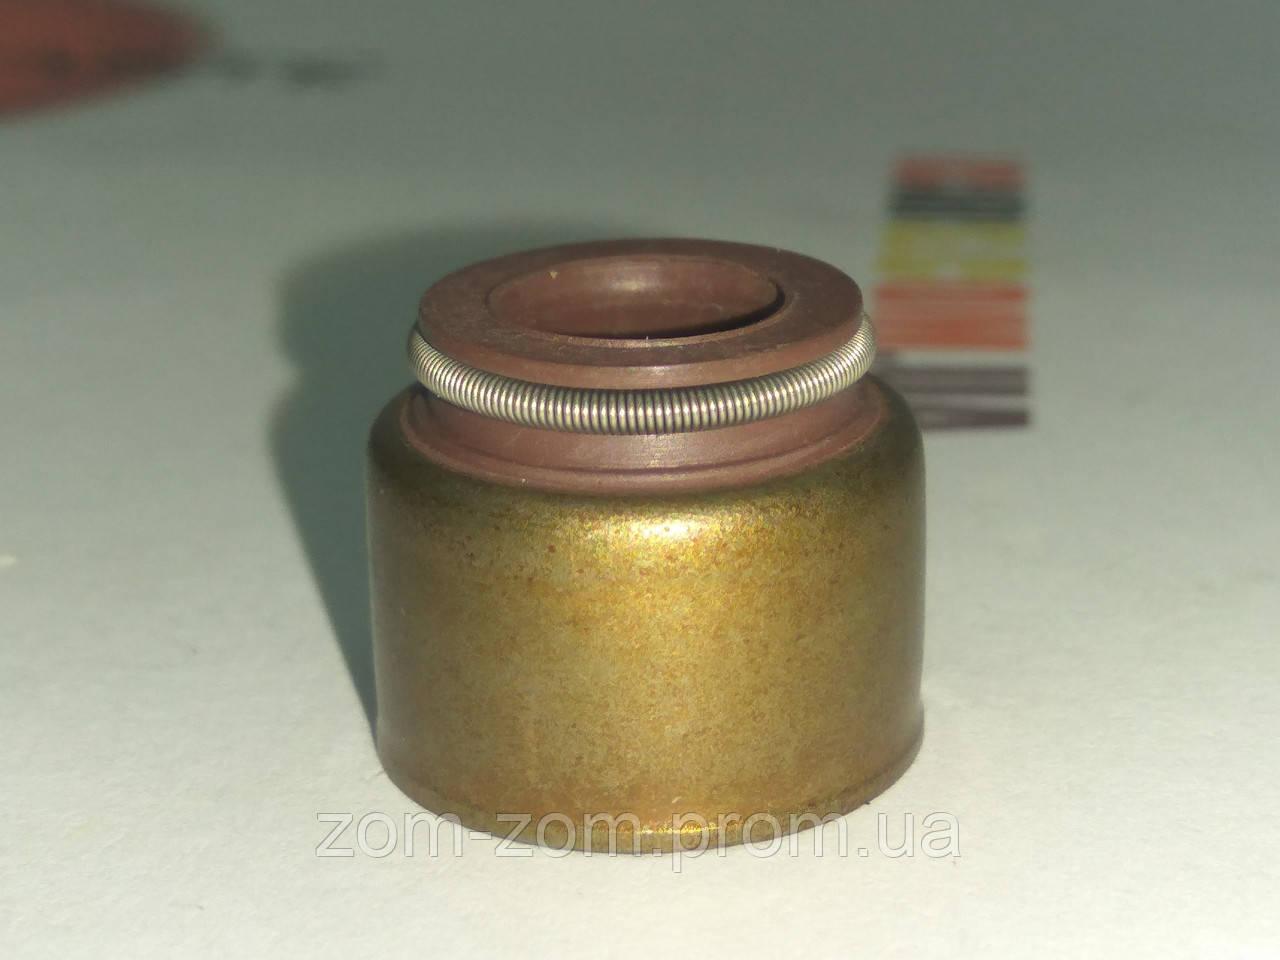 Сальник клапана CANTER 9*15